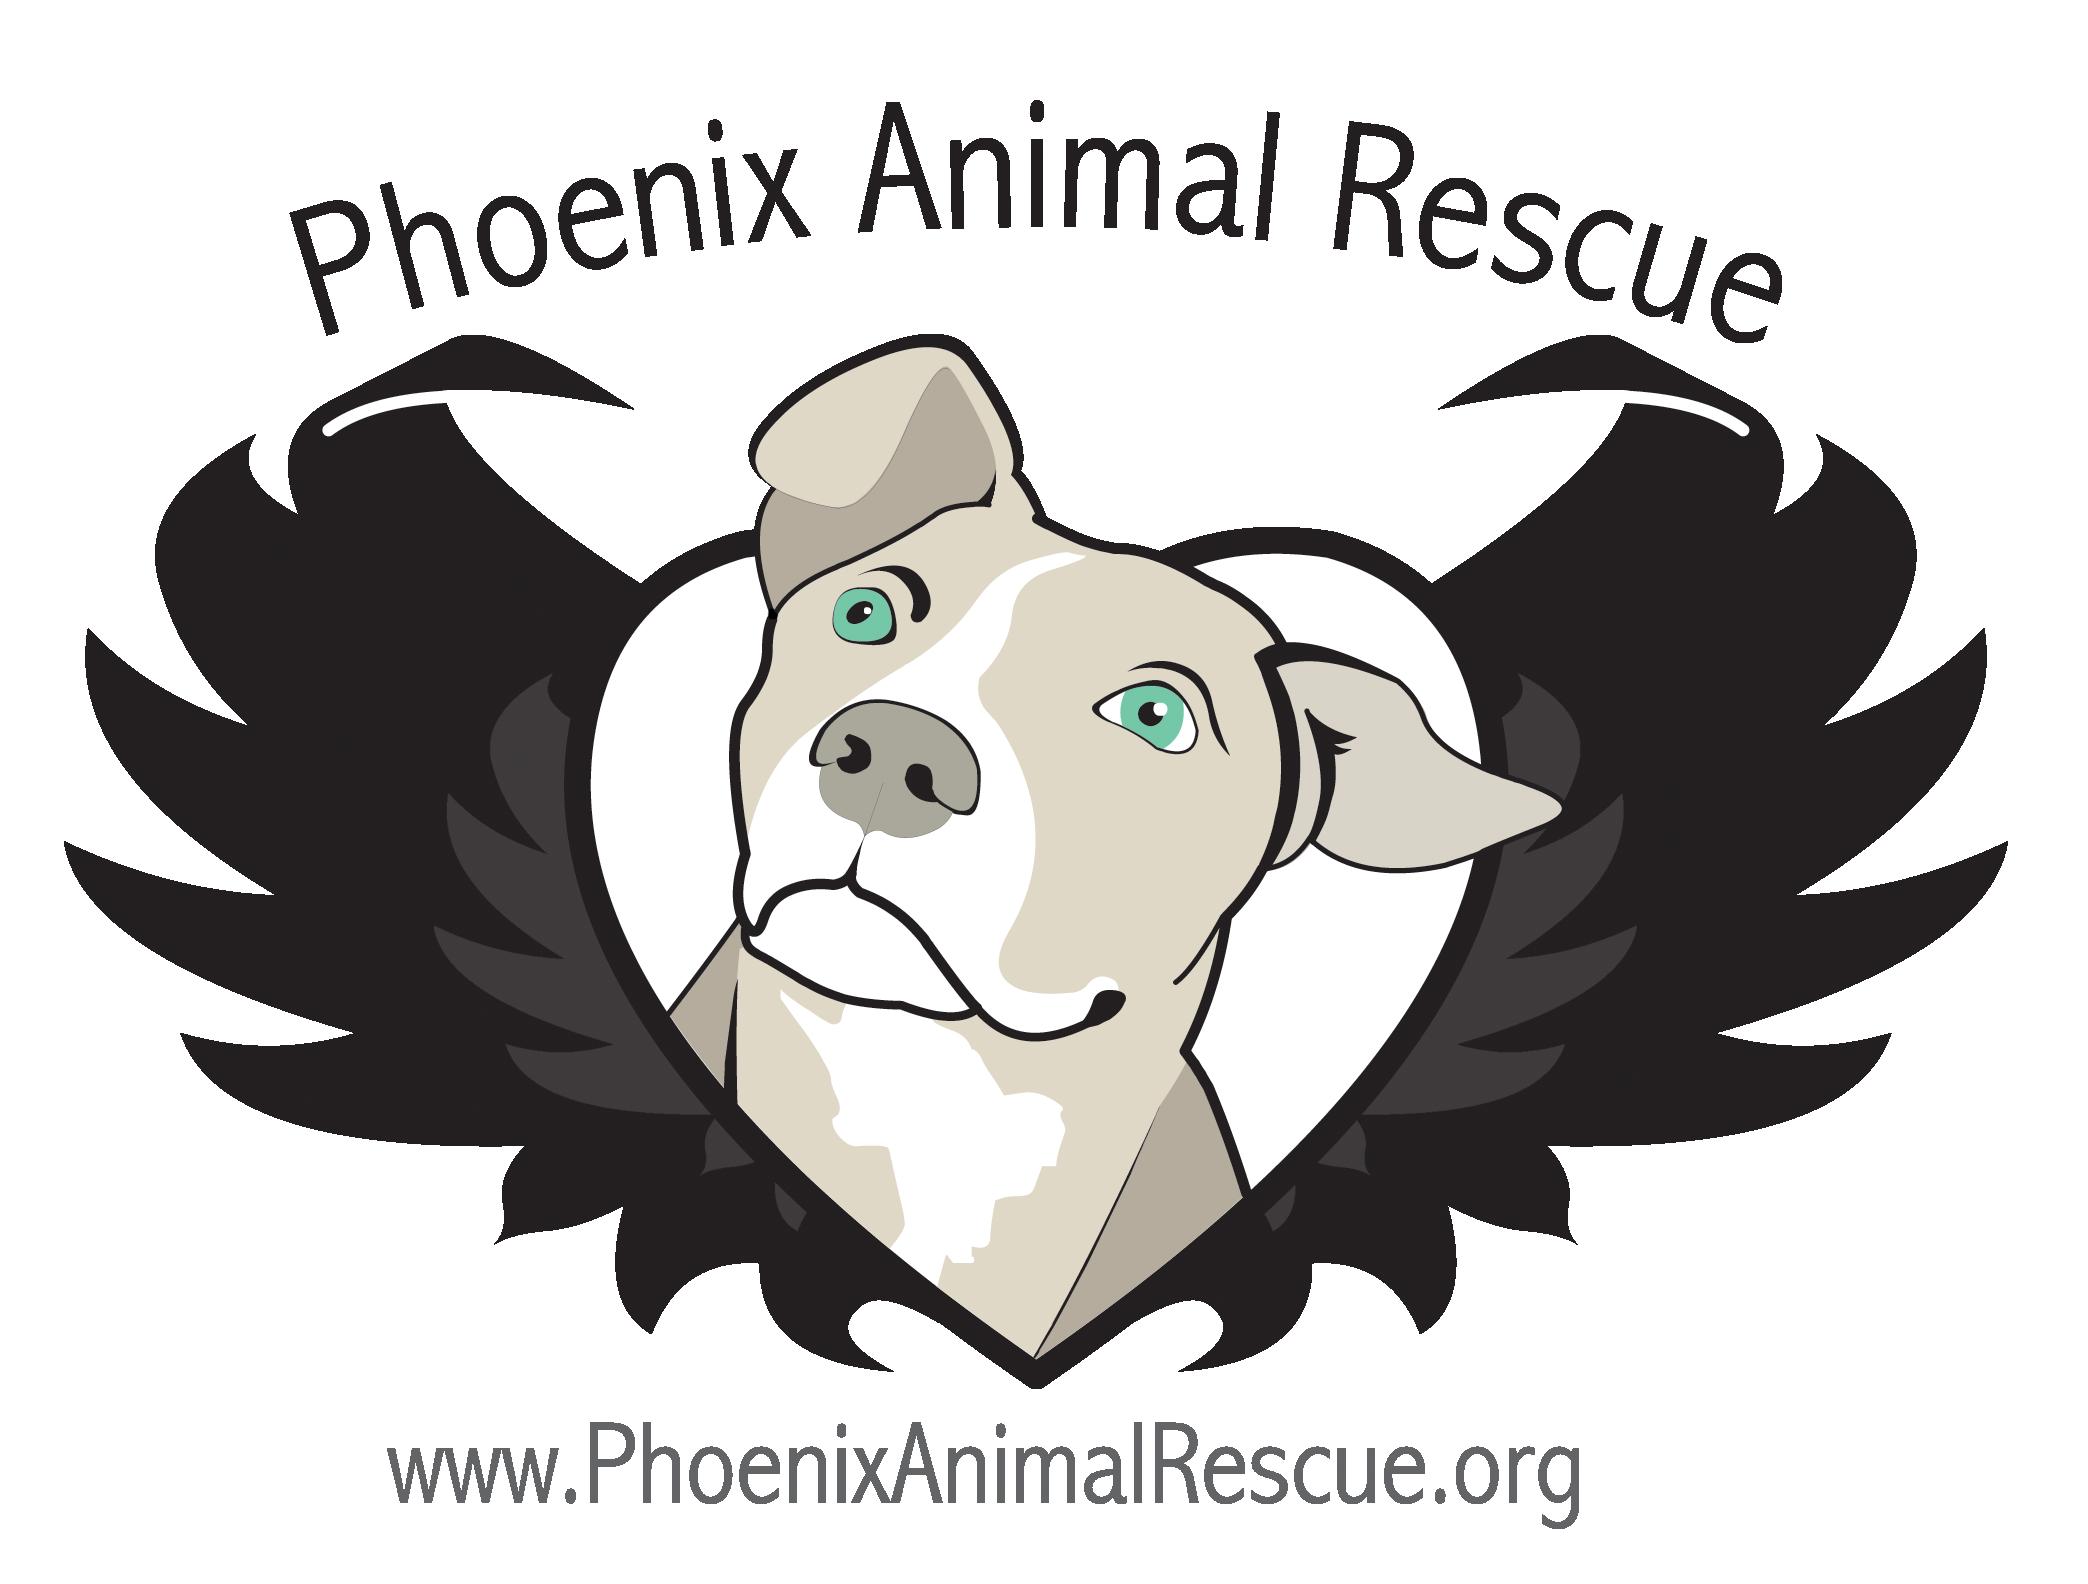 Phoenix Animal Rescue